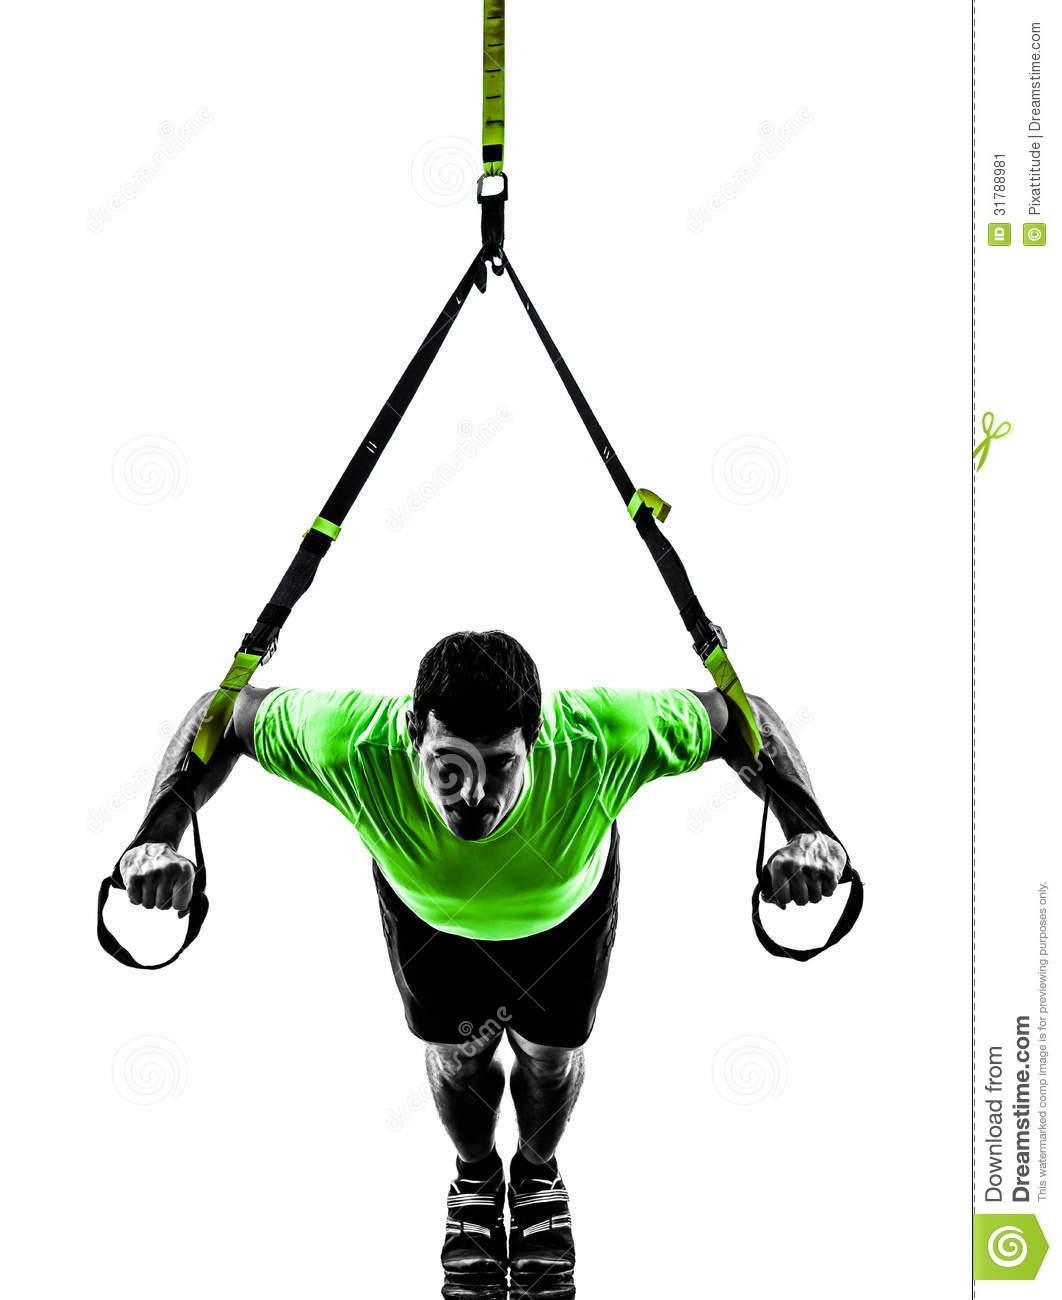 Man Exercising Suspension Training Trx Silhouette Stock Image.